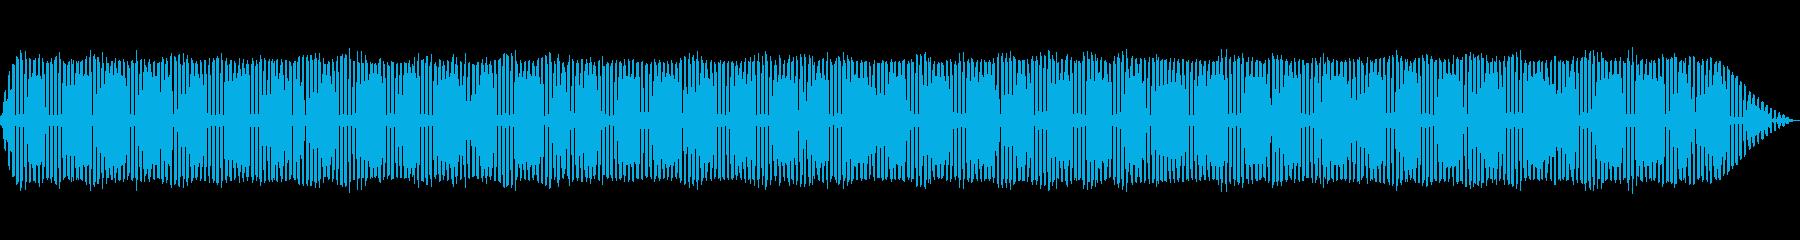 【生録音】秋の虫たちが鳴く音3の再生済みの波形